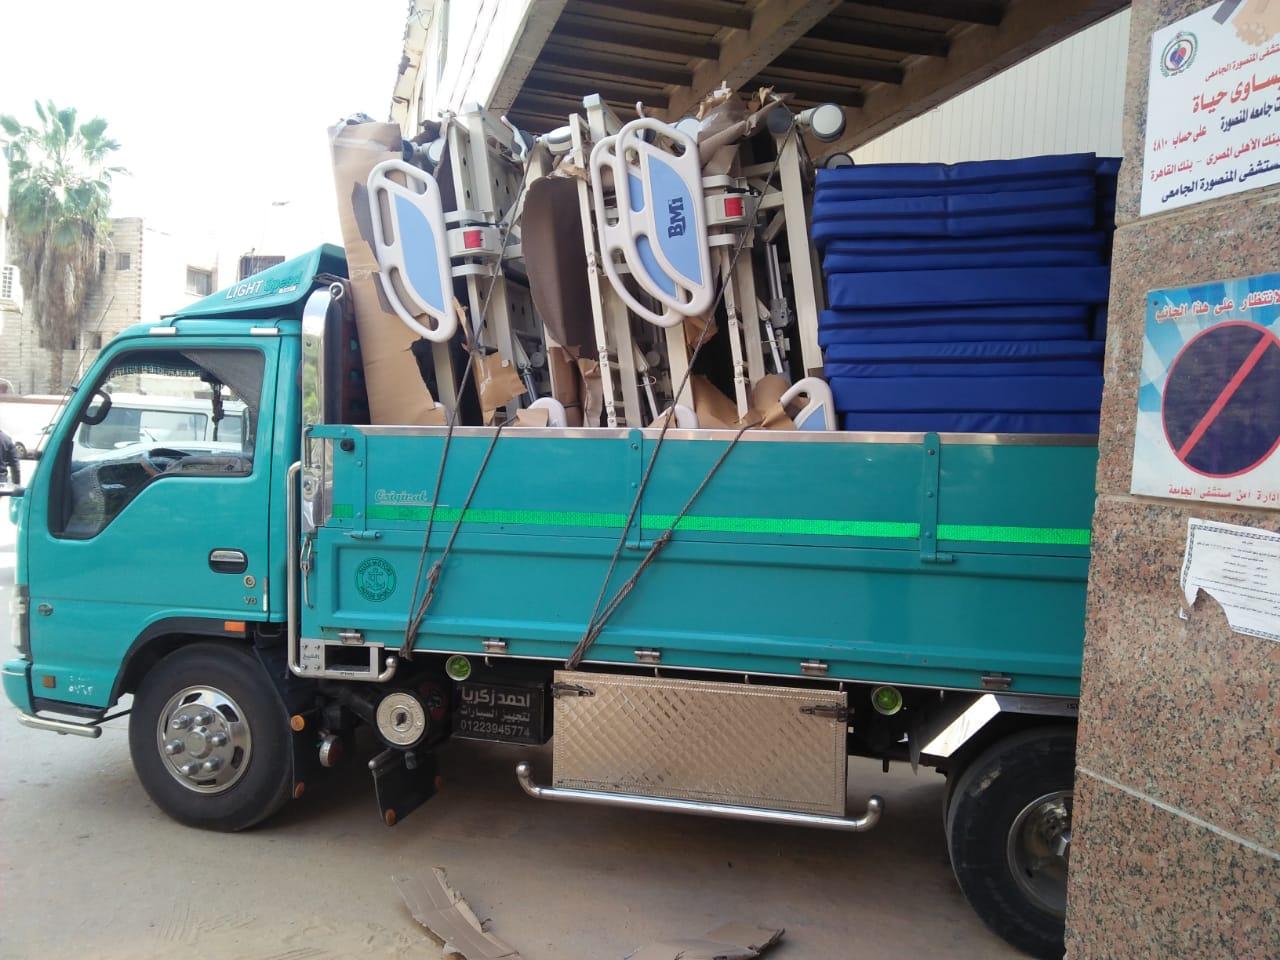 أجهزة عناية مركزة جديدة وإسعاف لمستشفى جامعة المنصورة (6)